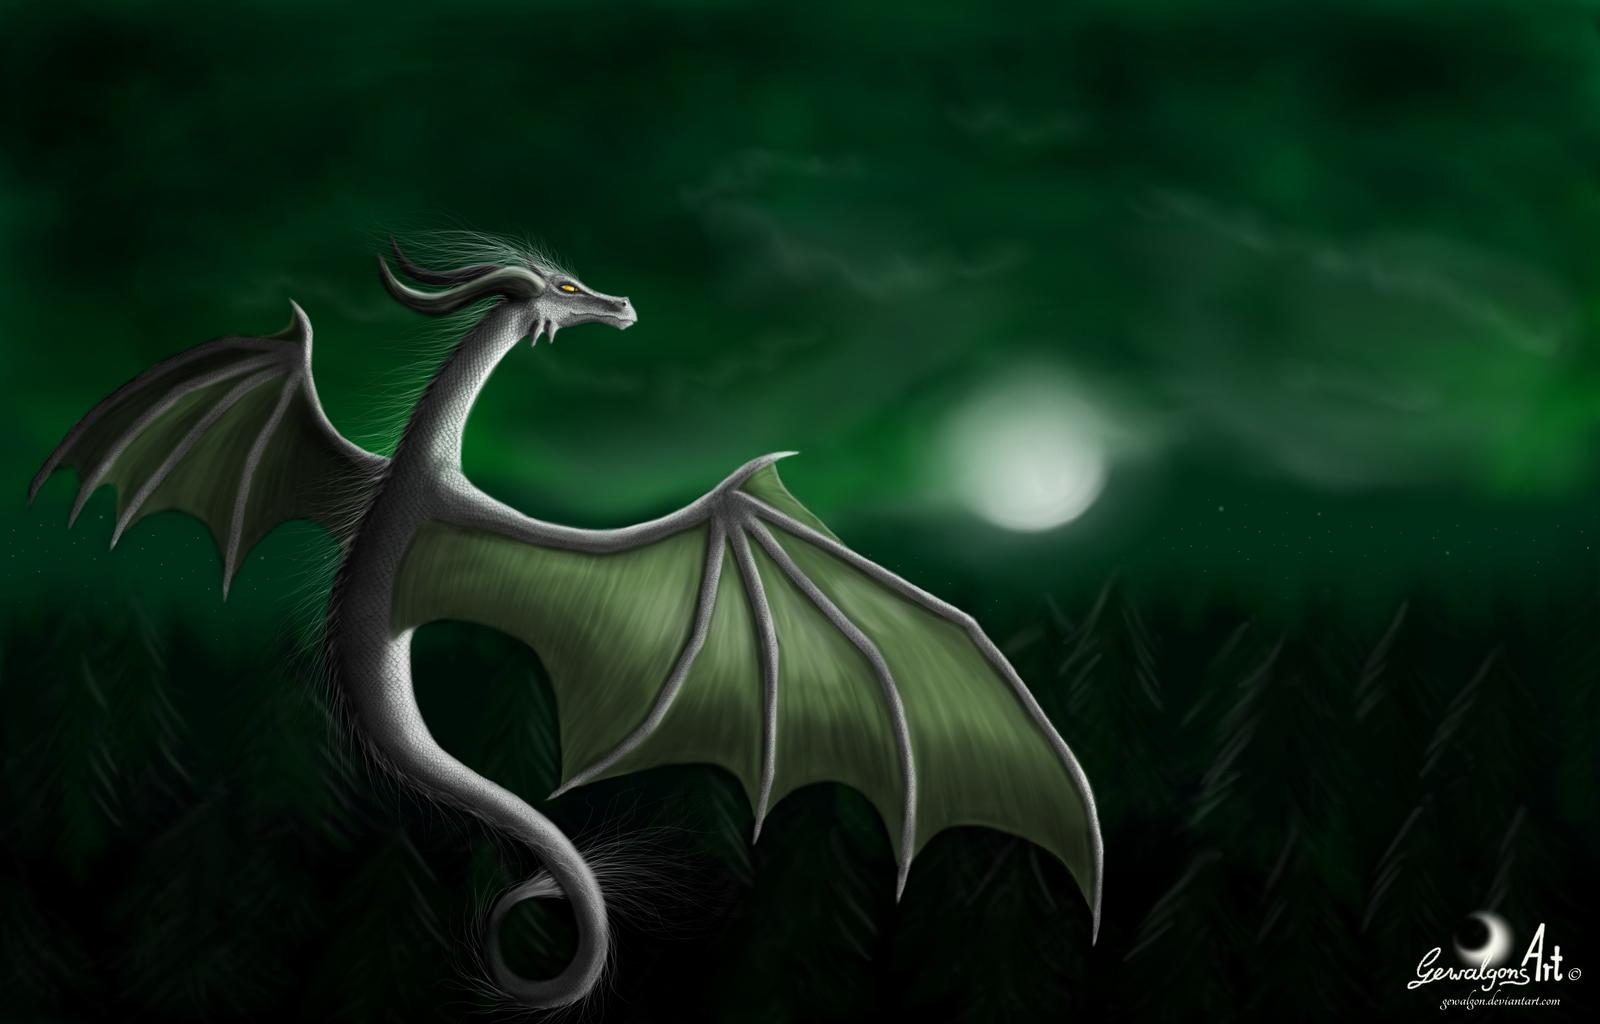 Peaceful Dragon Night by Gewalgon